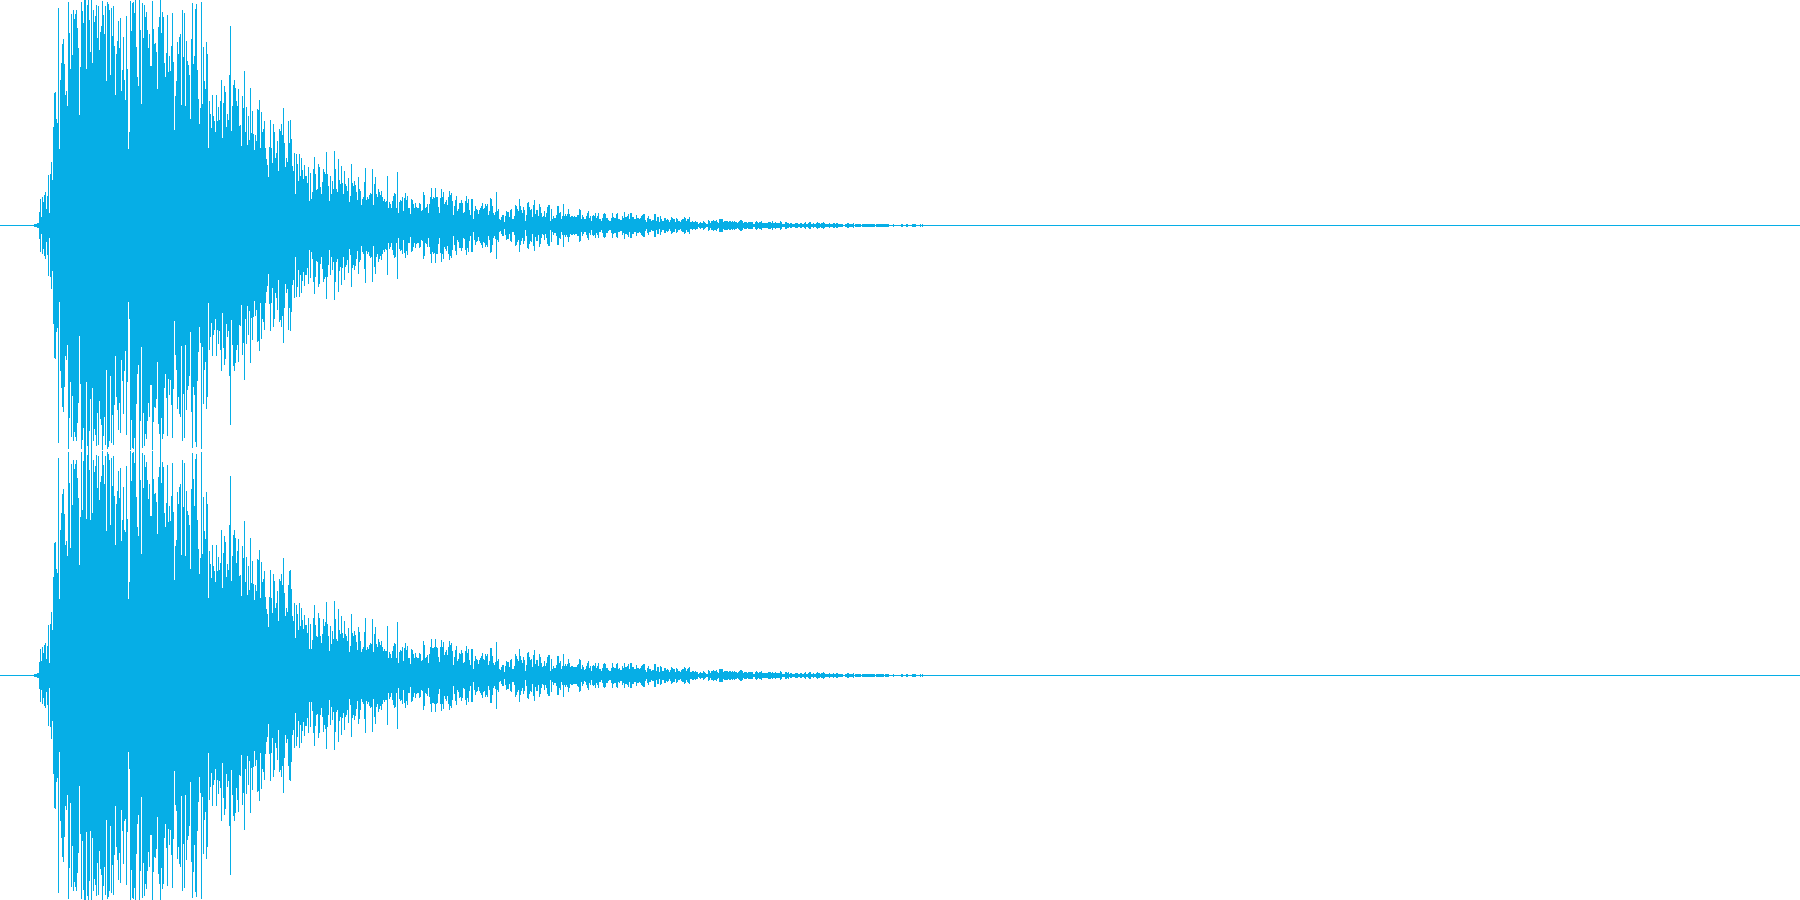 シュヨヨヨヨッ(ショット音、弱め)の再生済みの波形